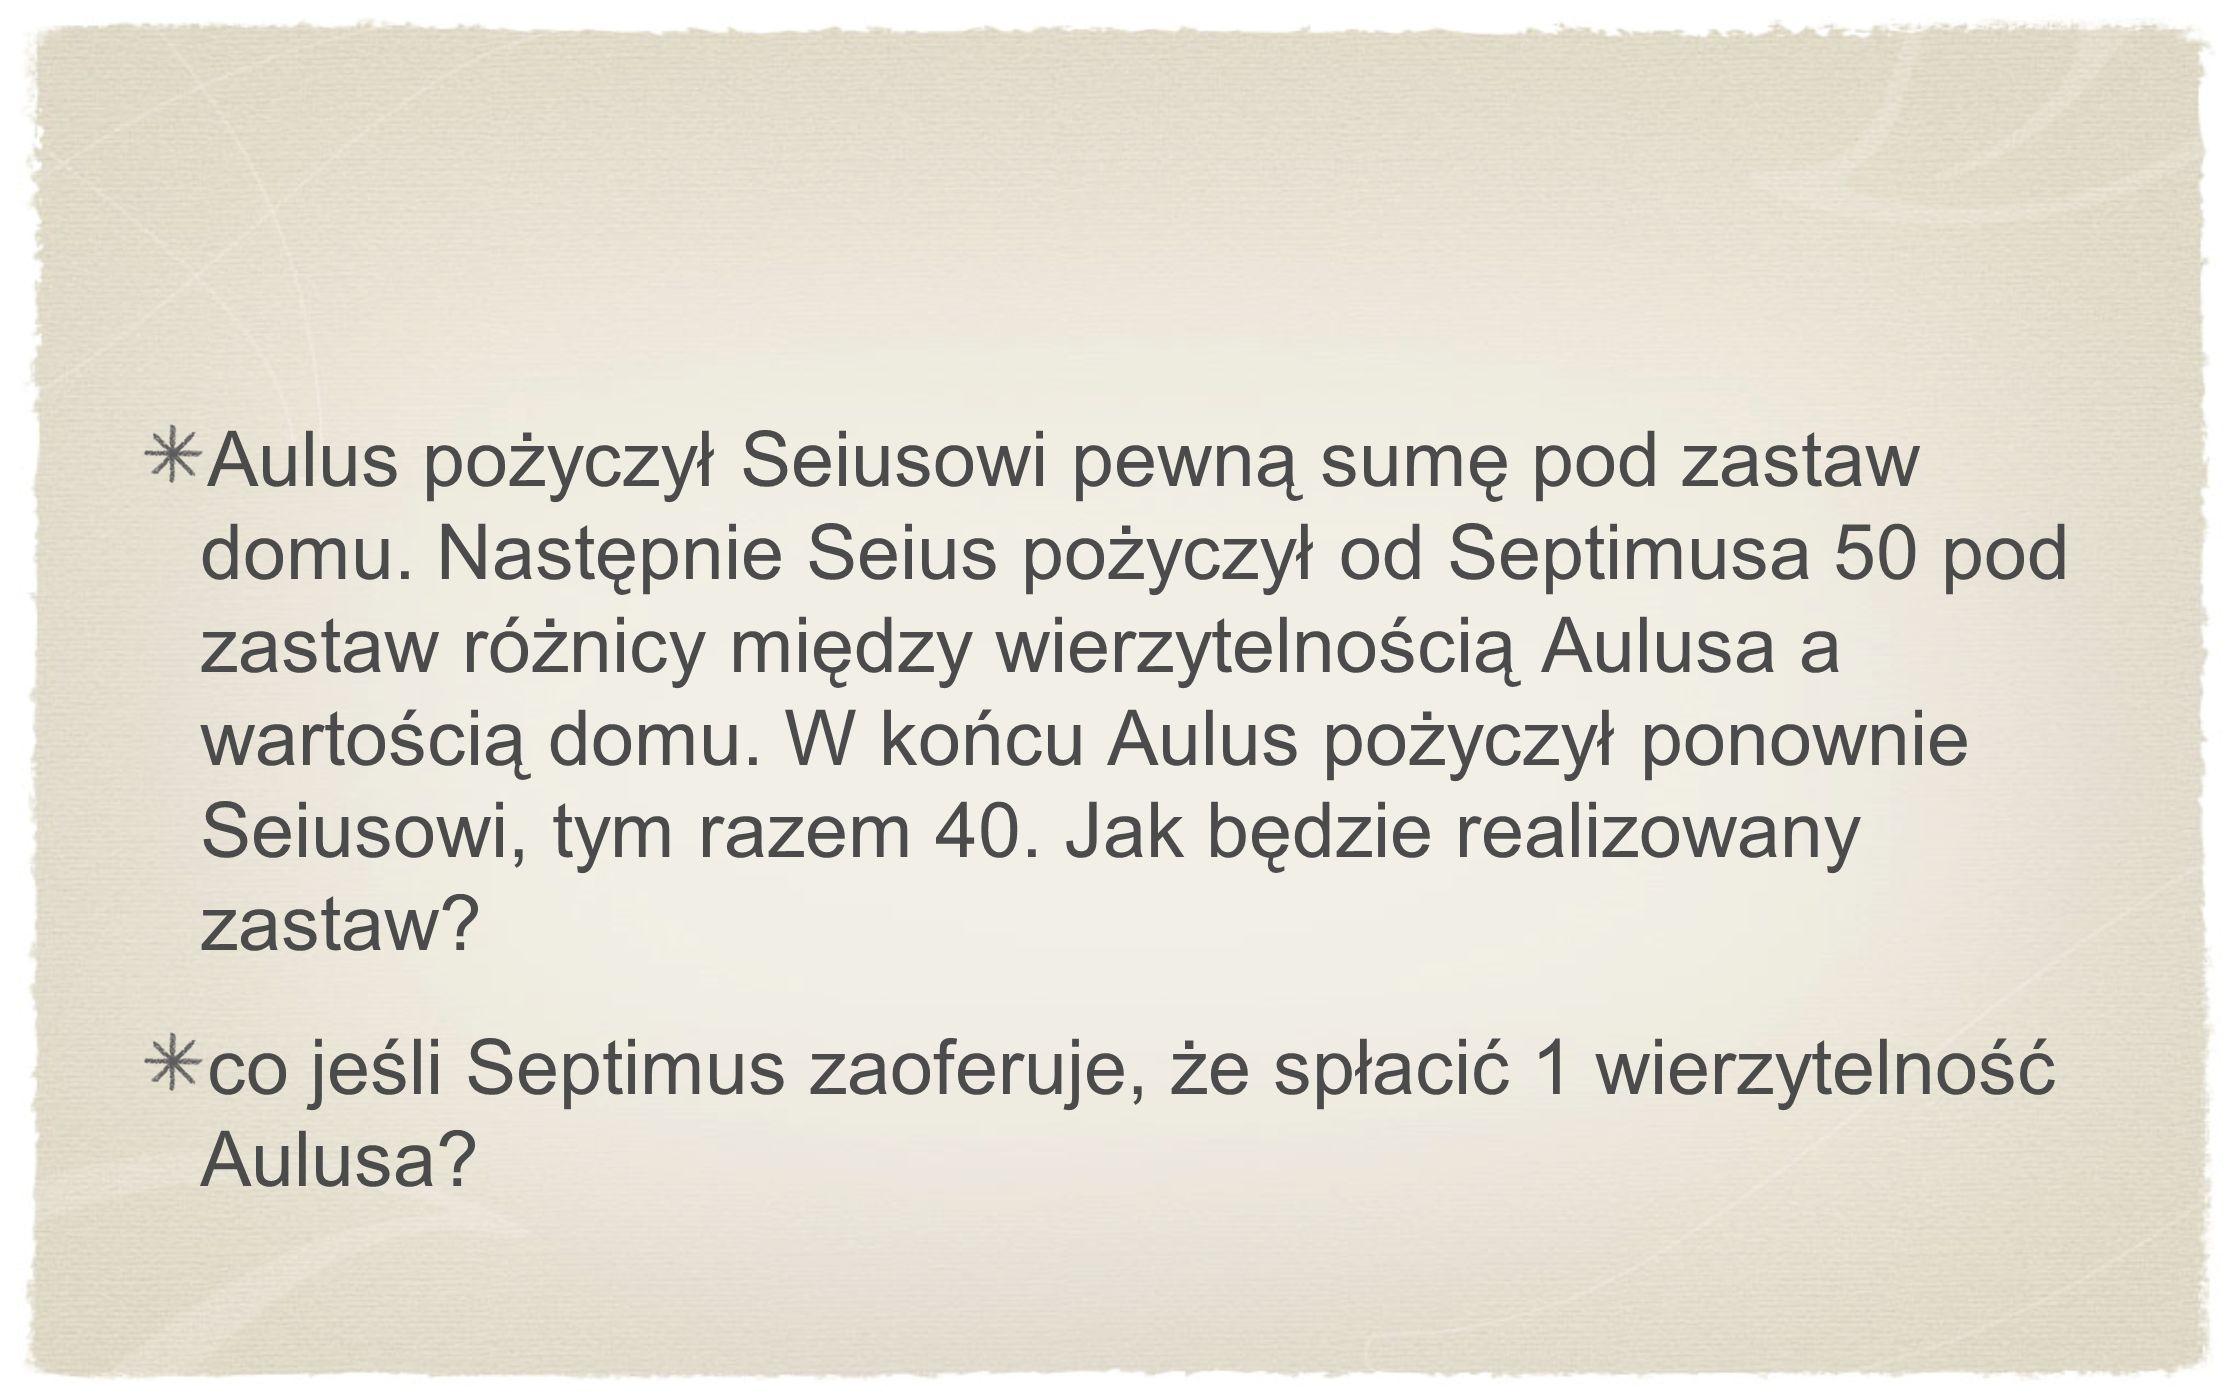 Aulus pożyczył Seiusowi pewną sumę pod zastaw domu